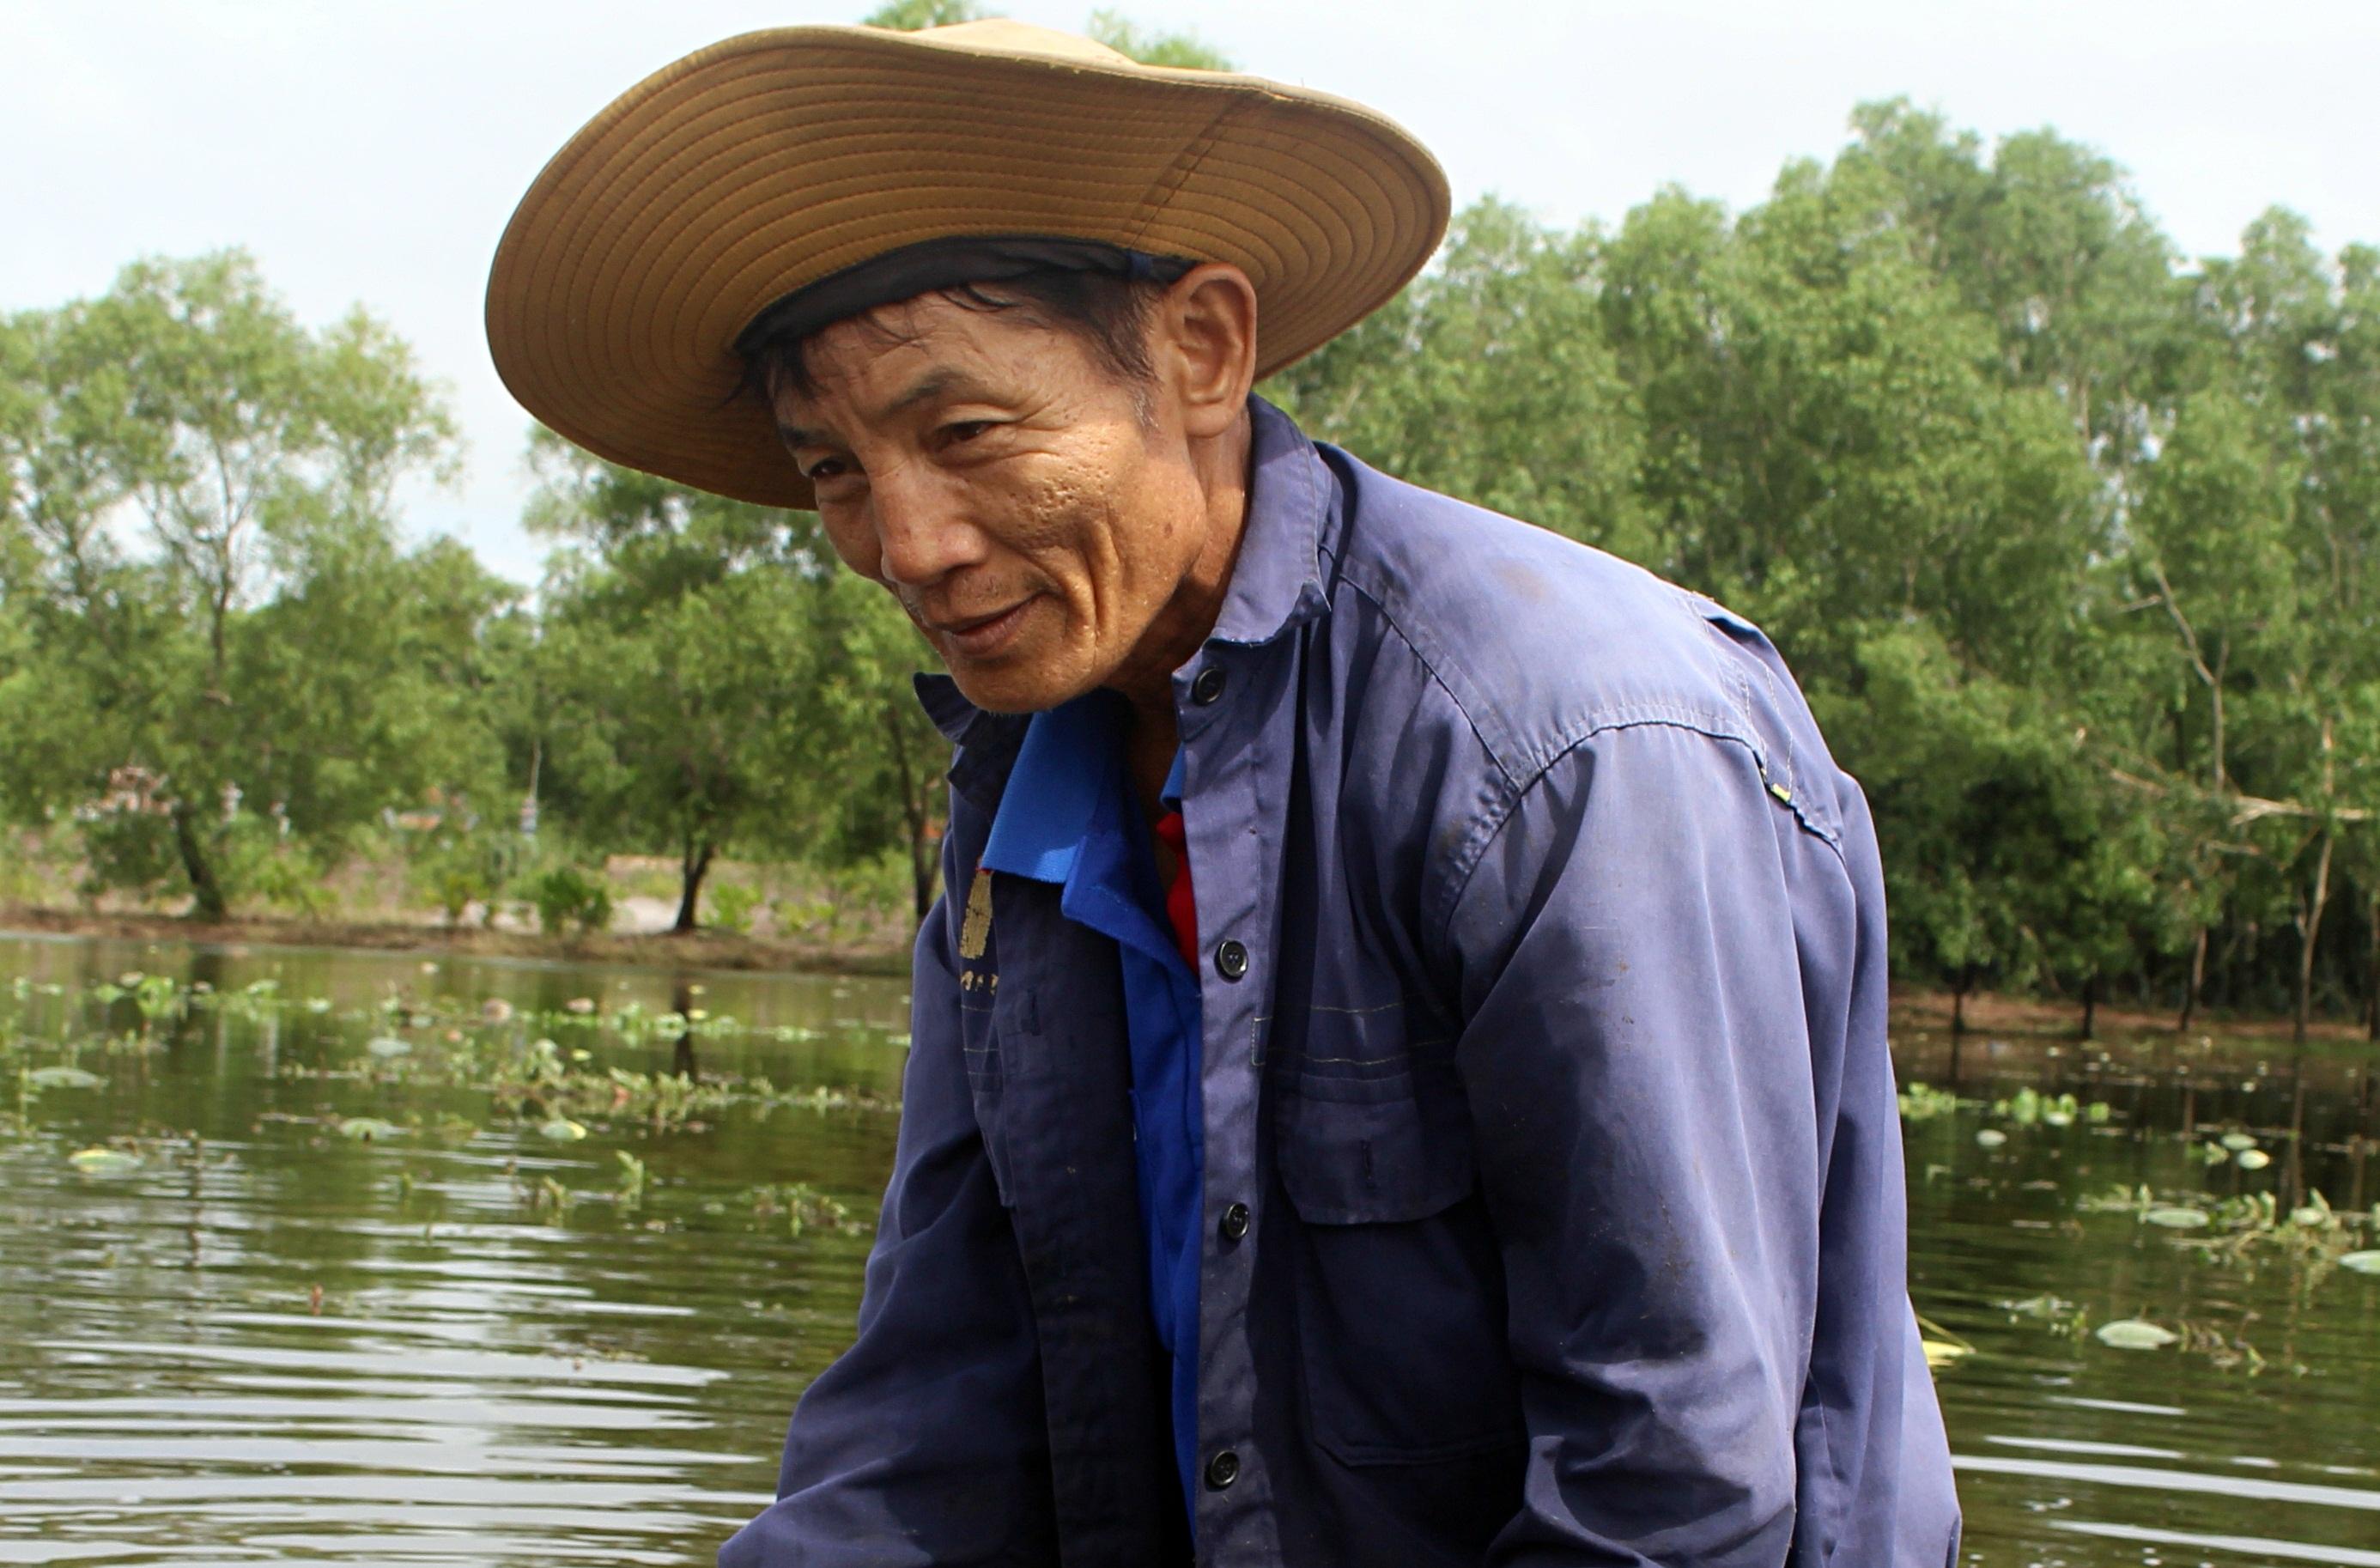 Trắng tay sau cơn bão số 4, hàng trăm nông dân ở Quảng Trị đổ dưa hấu cho gà vịt ăn - Ảnh 5.